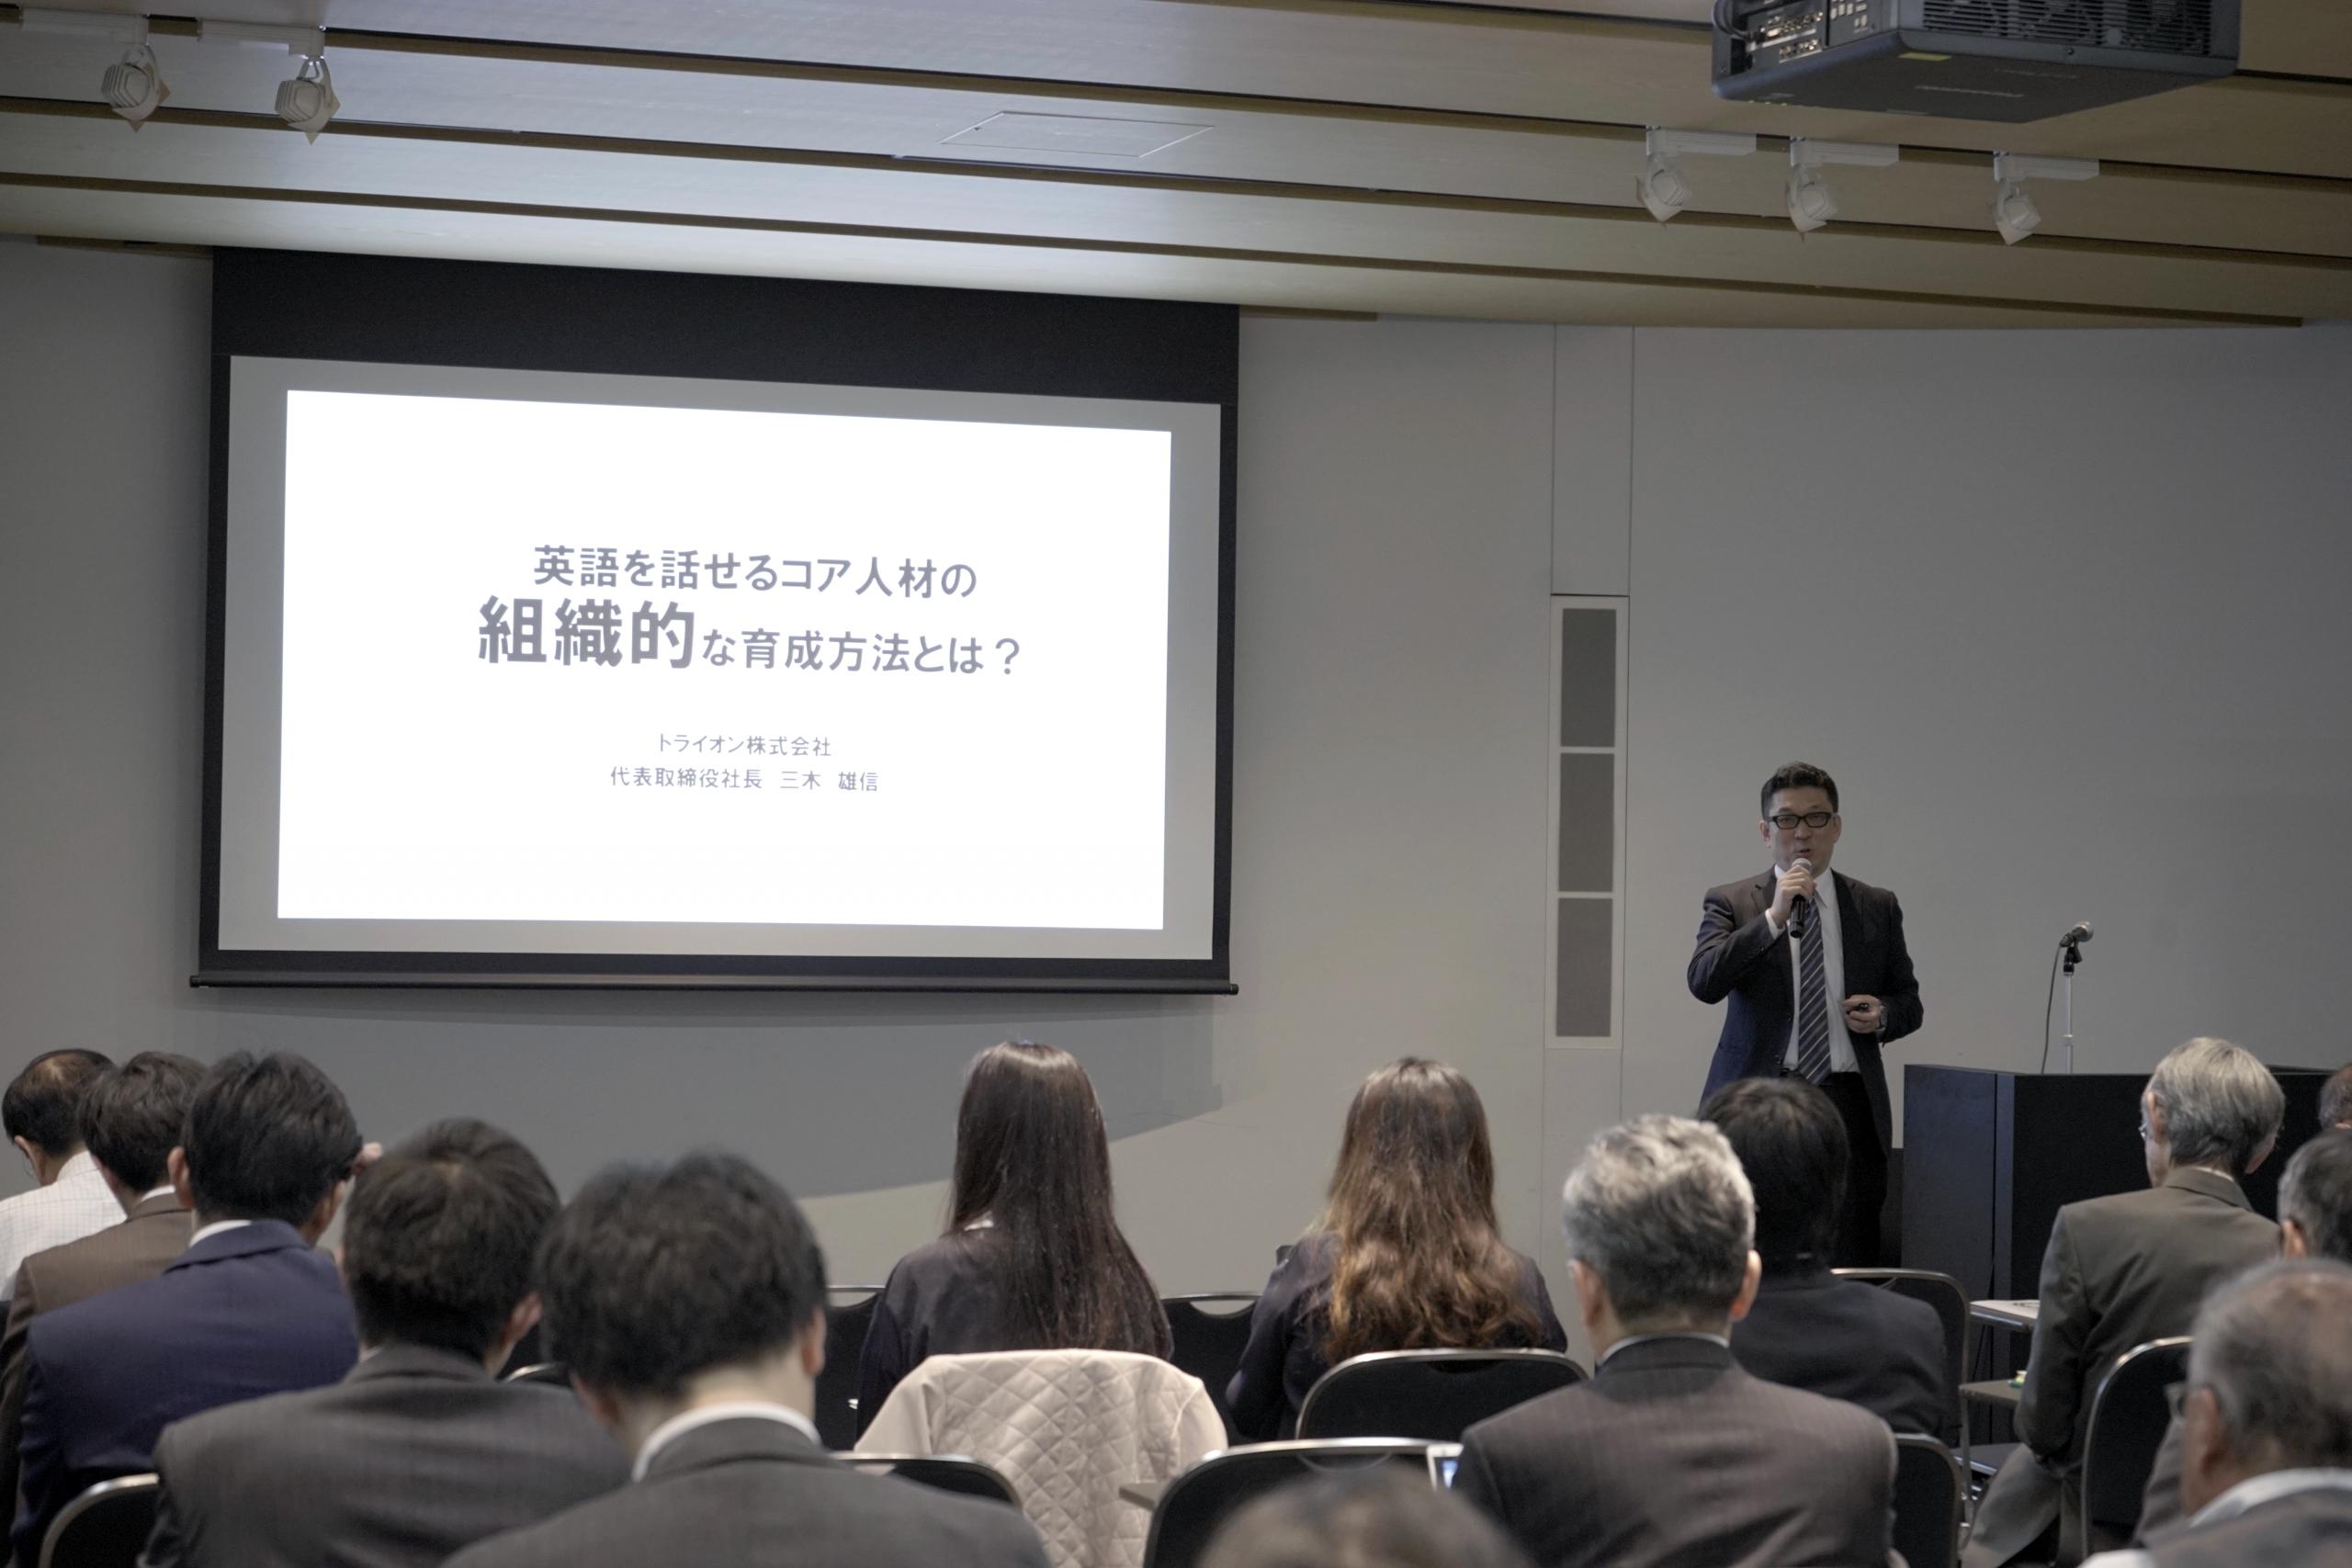 トライオン代表三木雄信が日本経済新聞社様のセミナーに登壇しました。